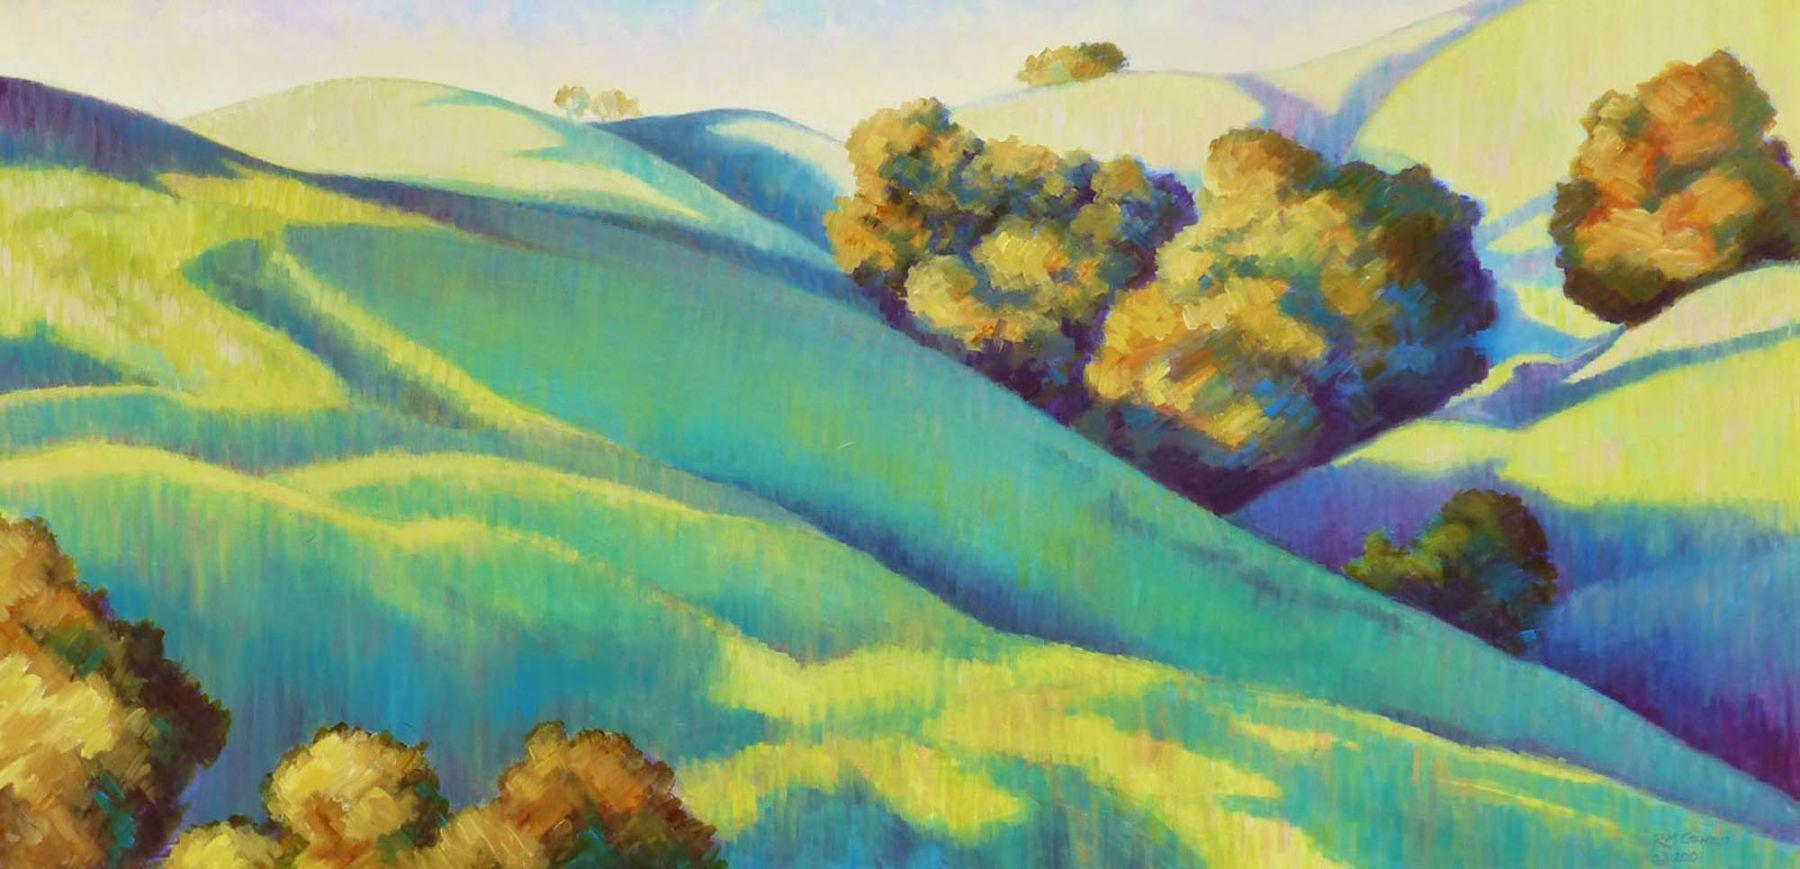 Robin Gowen, Haze in the Hills, 1997